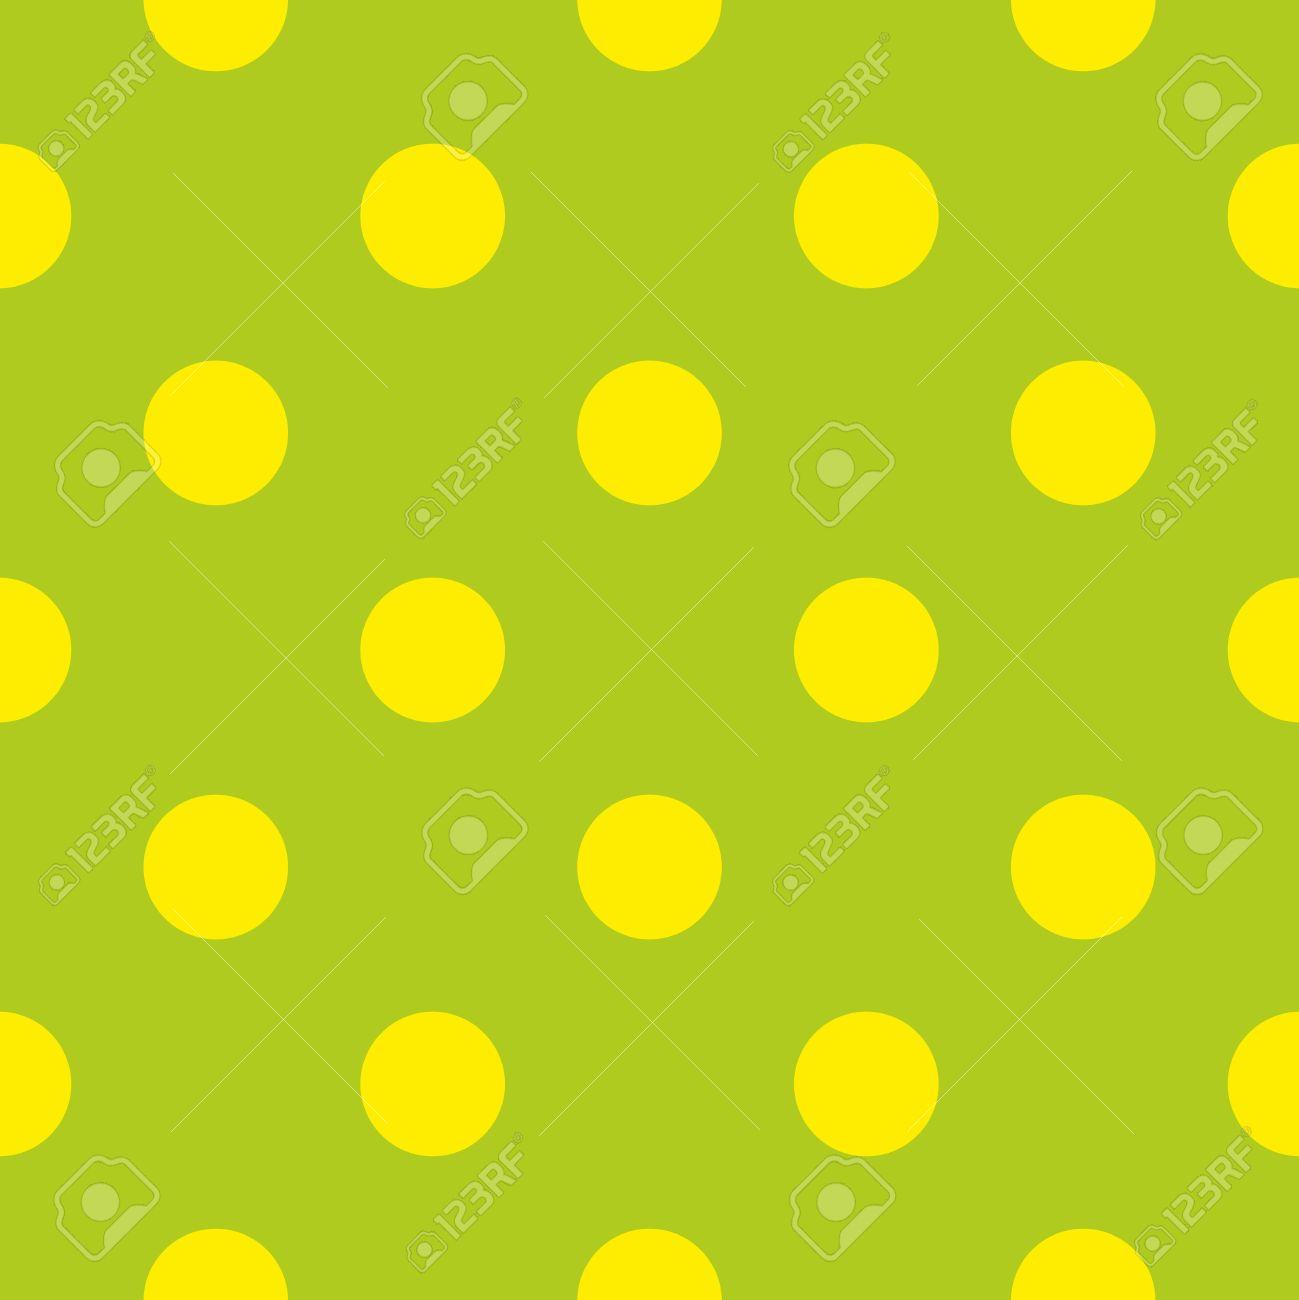 Vettoriale Senza Soluzione Di Modello Con Neon Polka Puntini